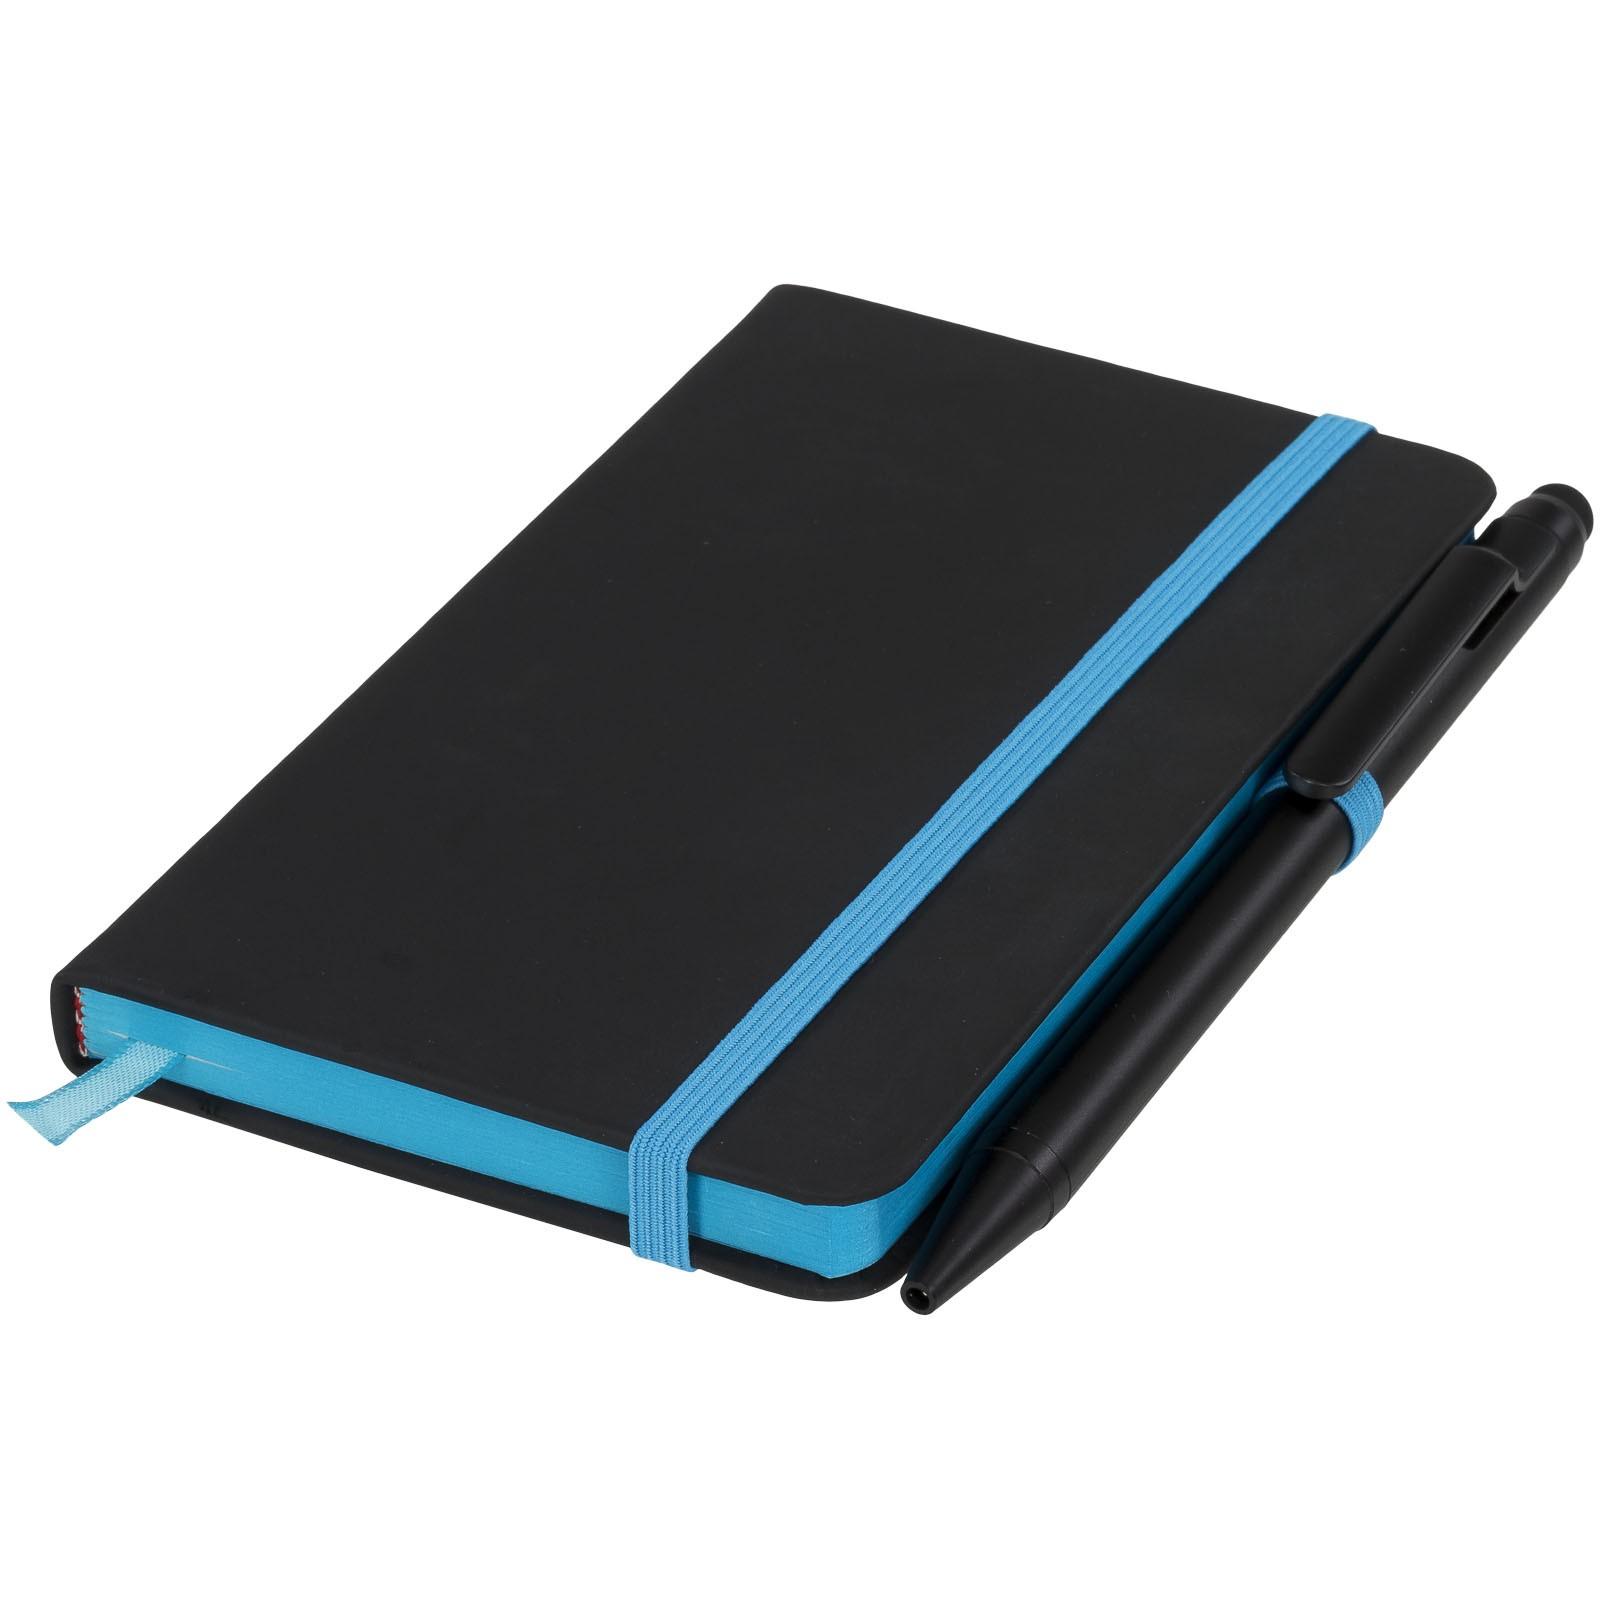 Zápisník Small noir edge - Černá / Modrá